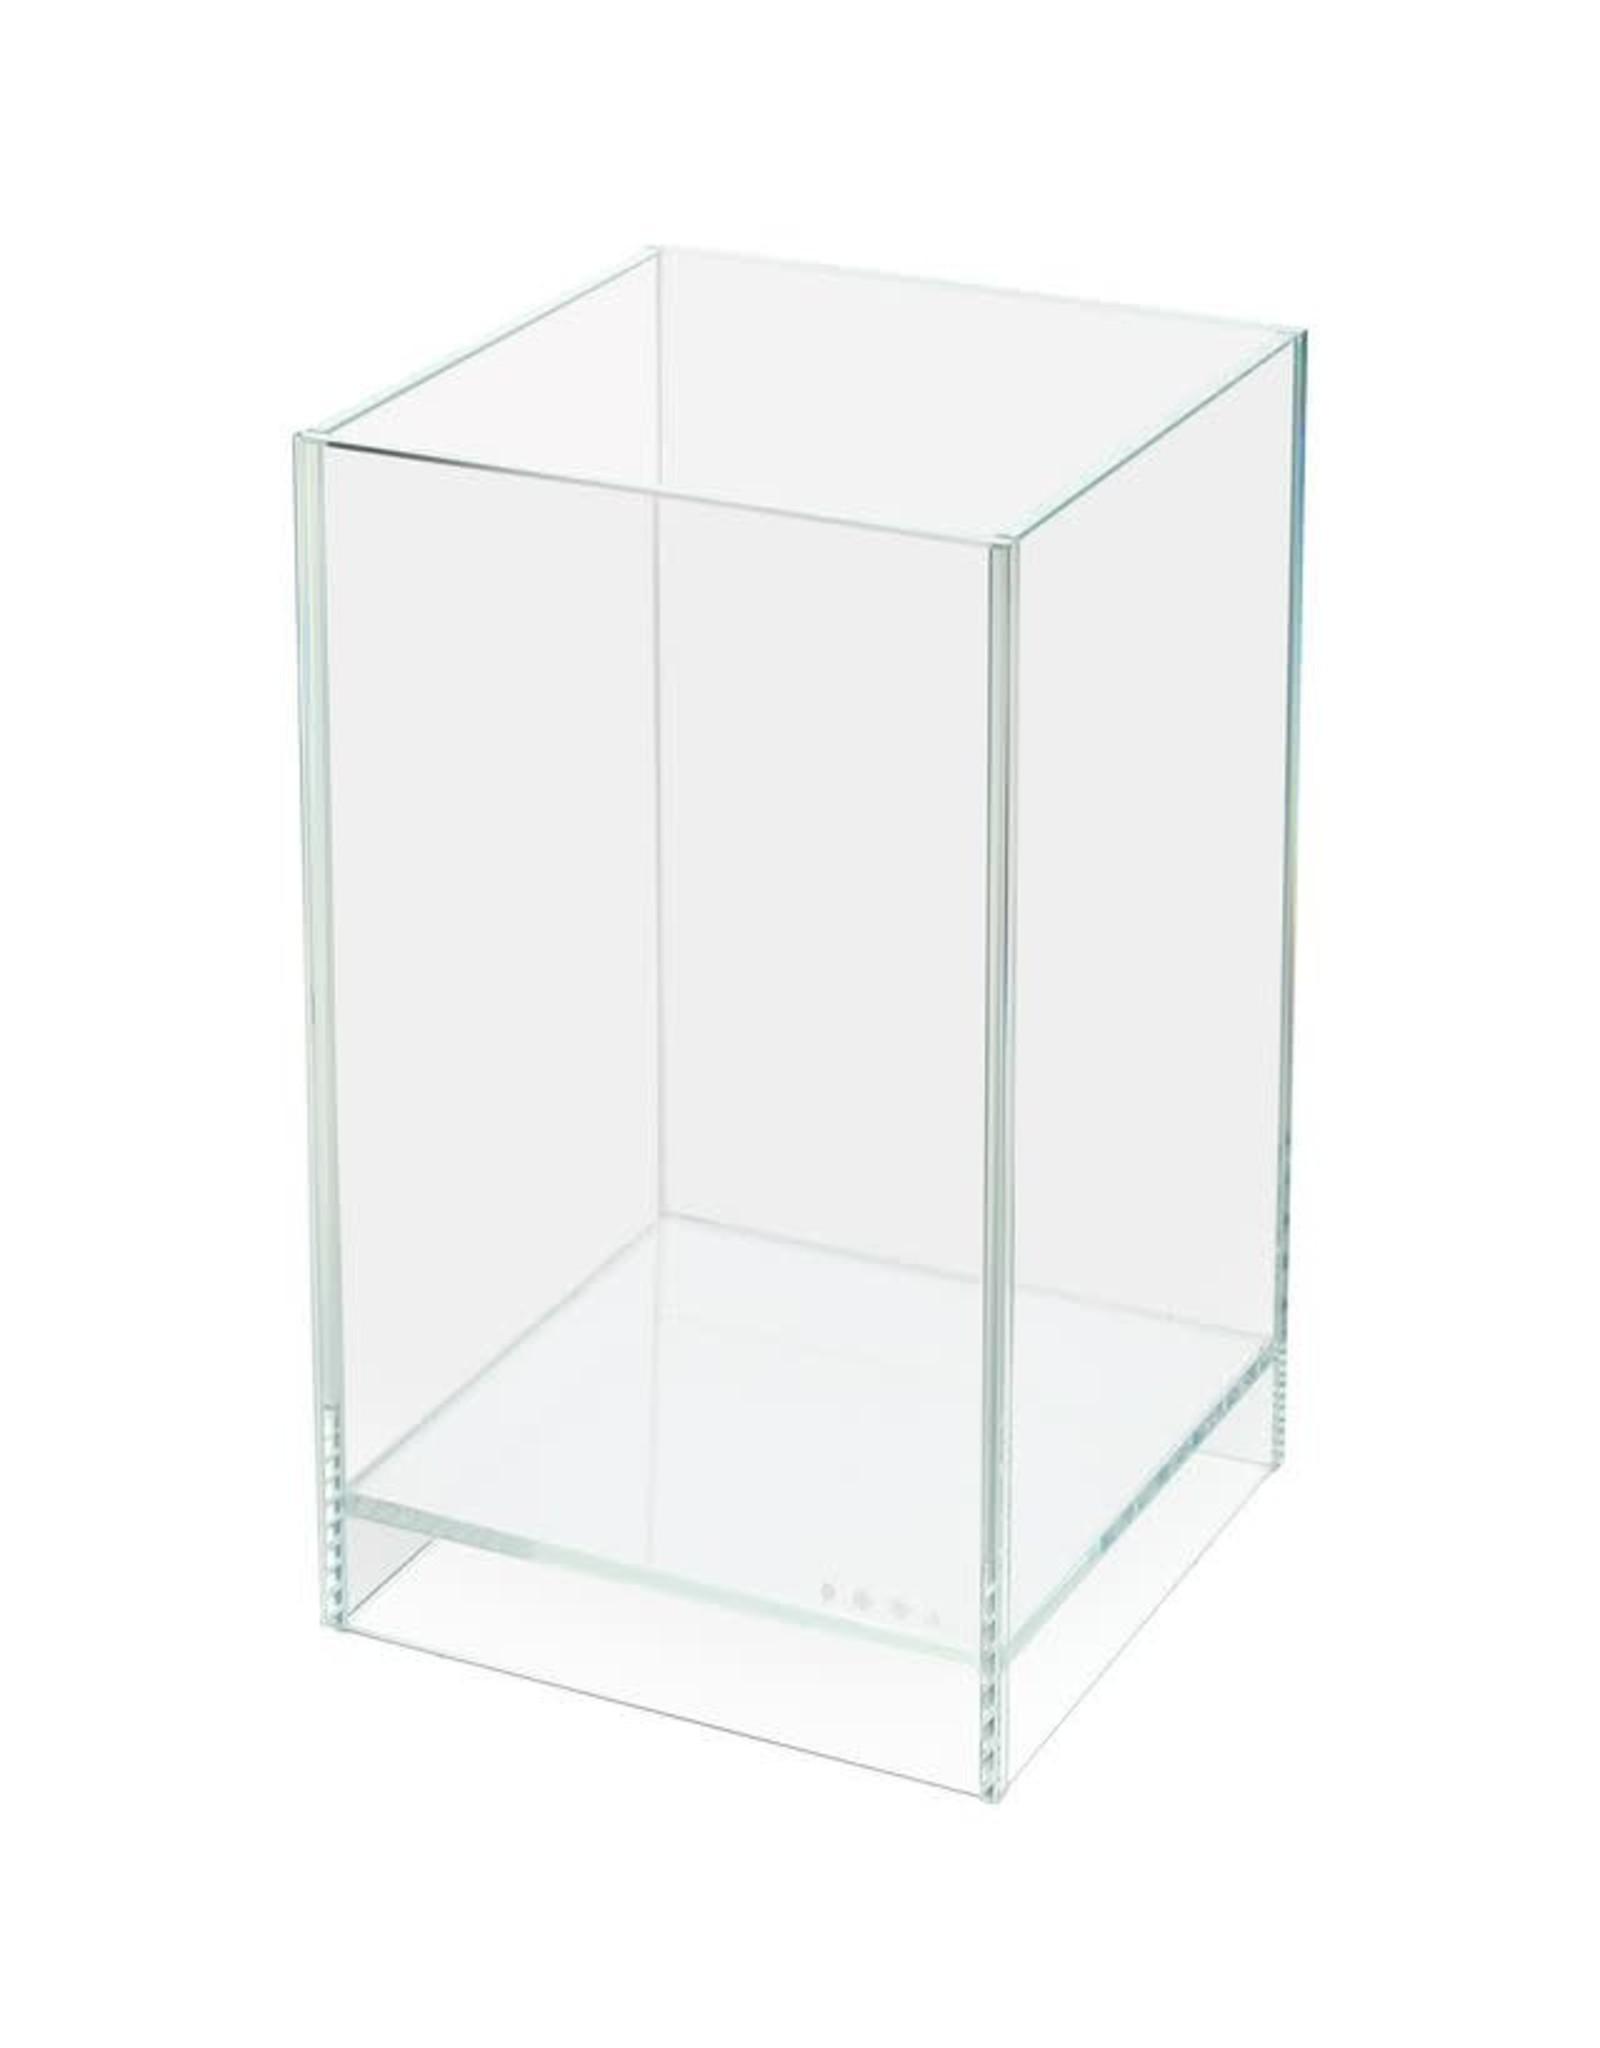 DOOA DOOA Neo Glass AIR 15x15x25cm